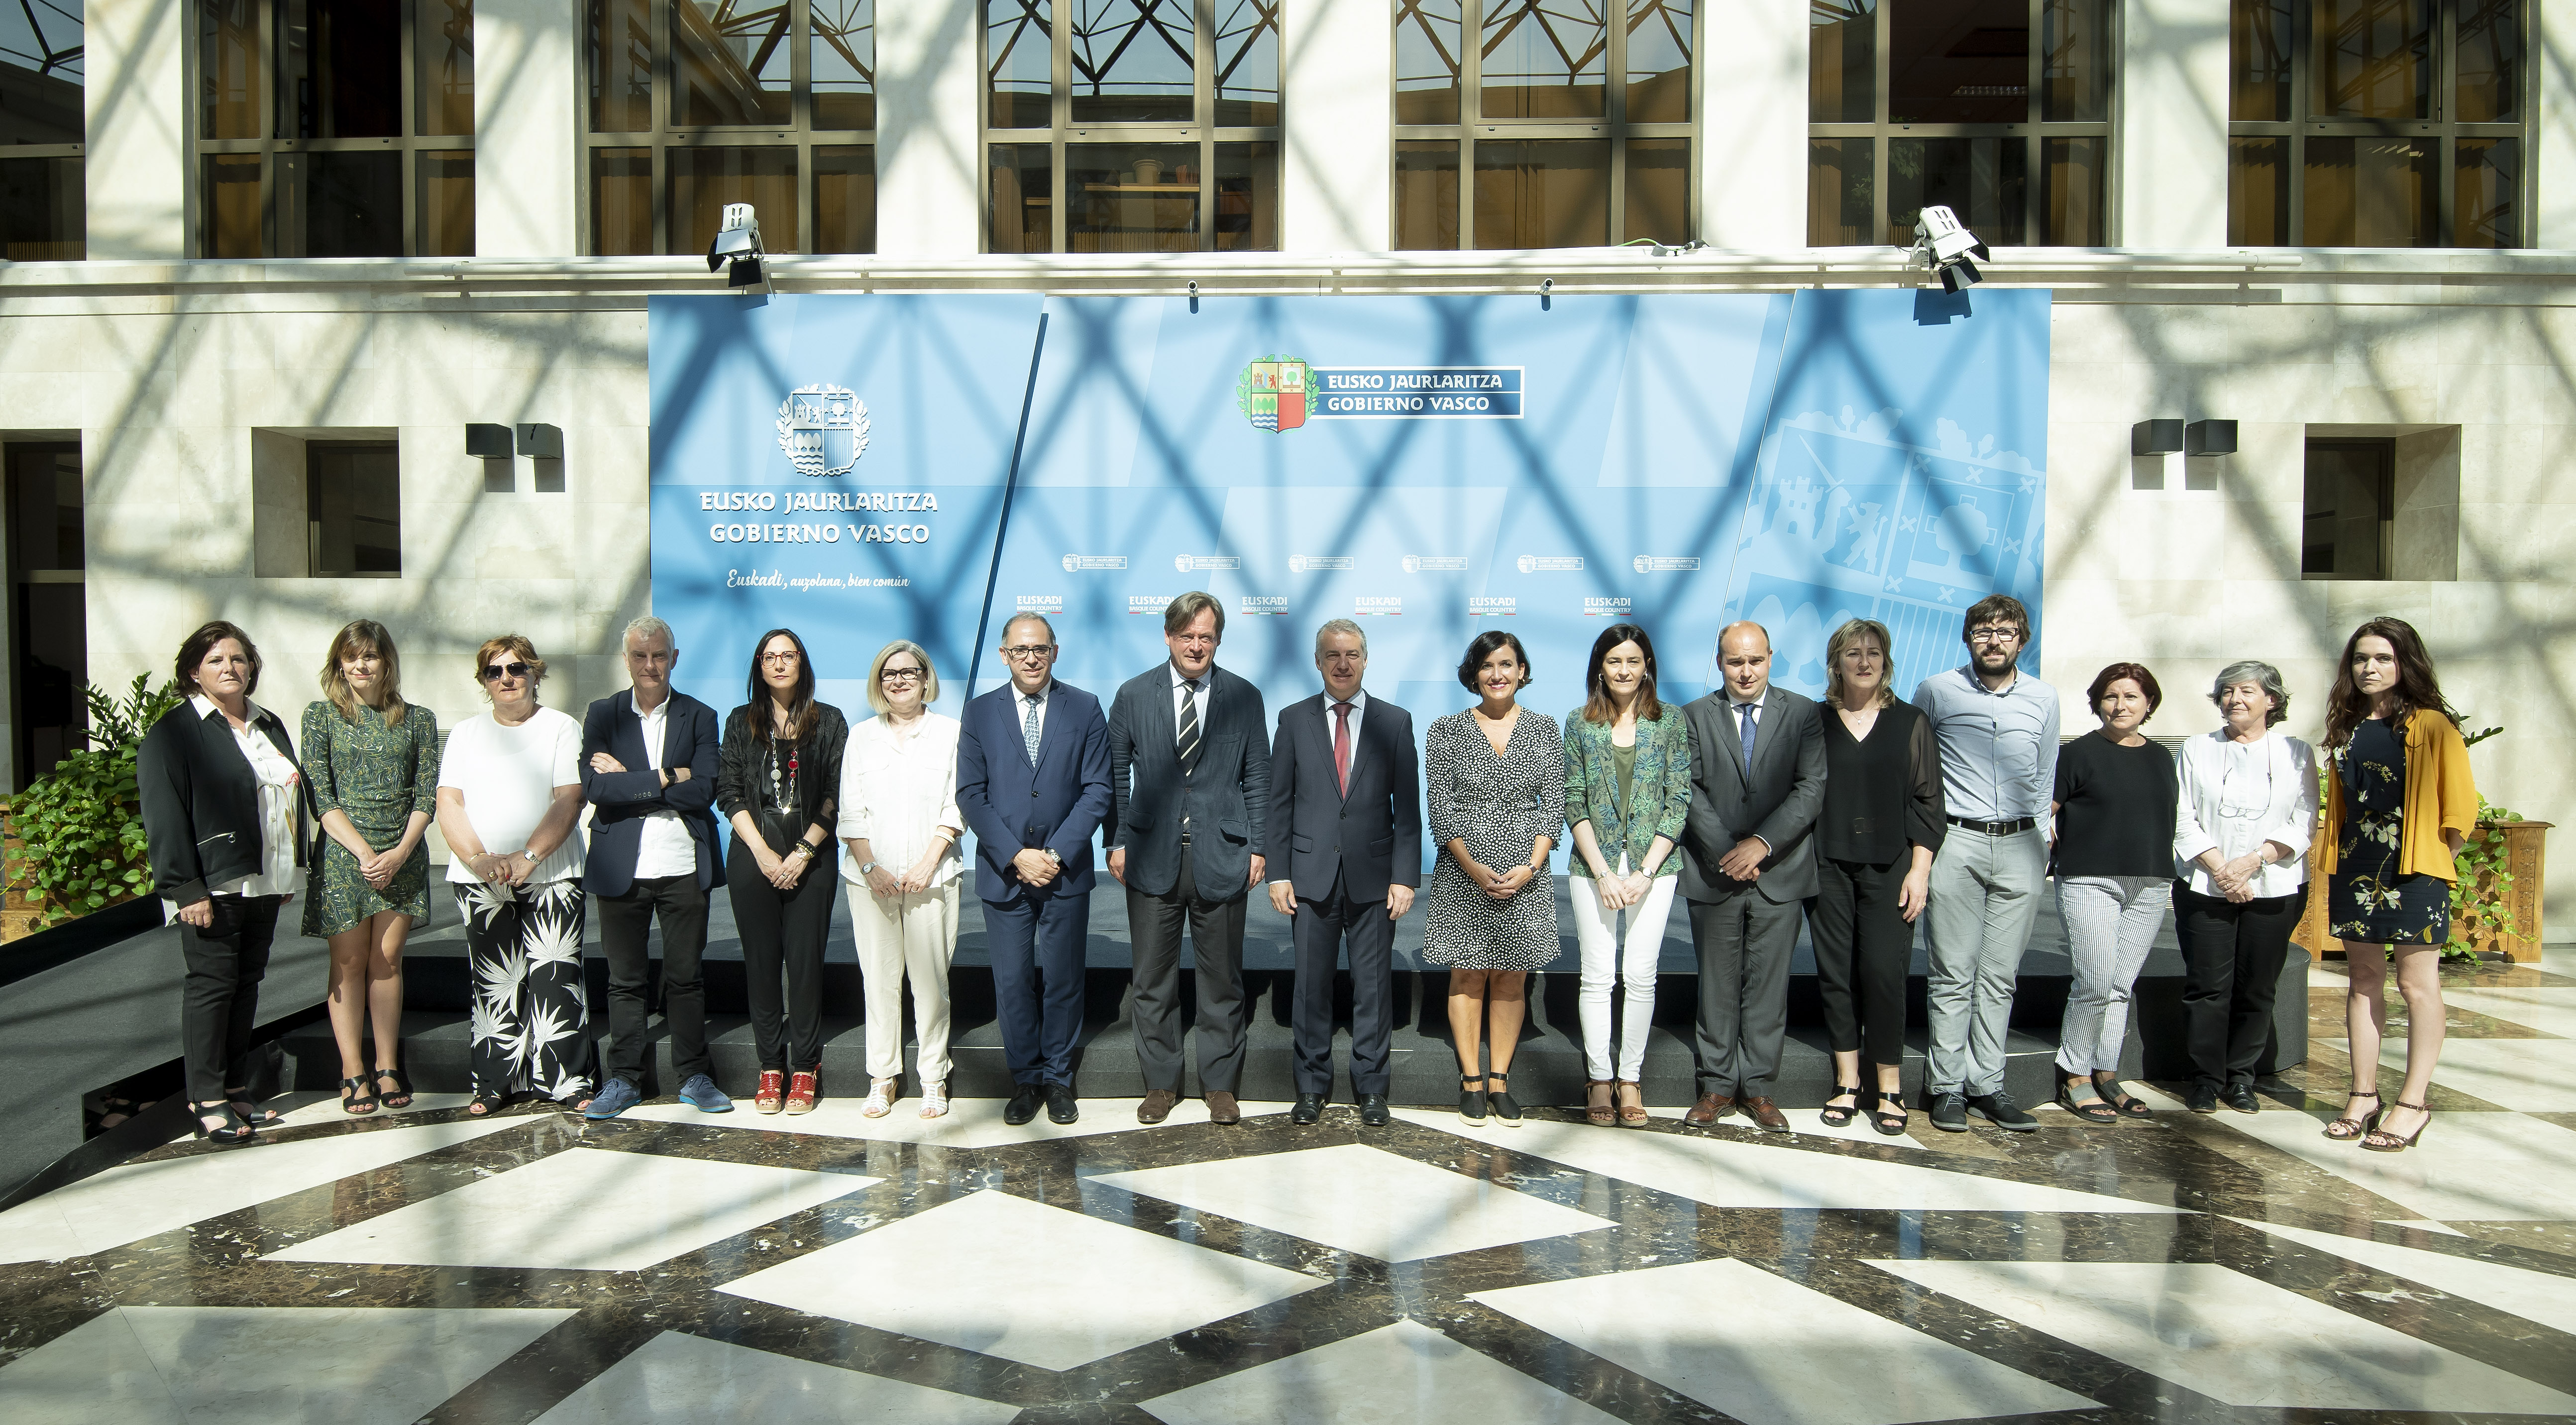 Urtearen balorazioa egin du Etxepare Euskal Institutuak Patronatuaren bileran